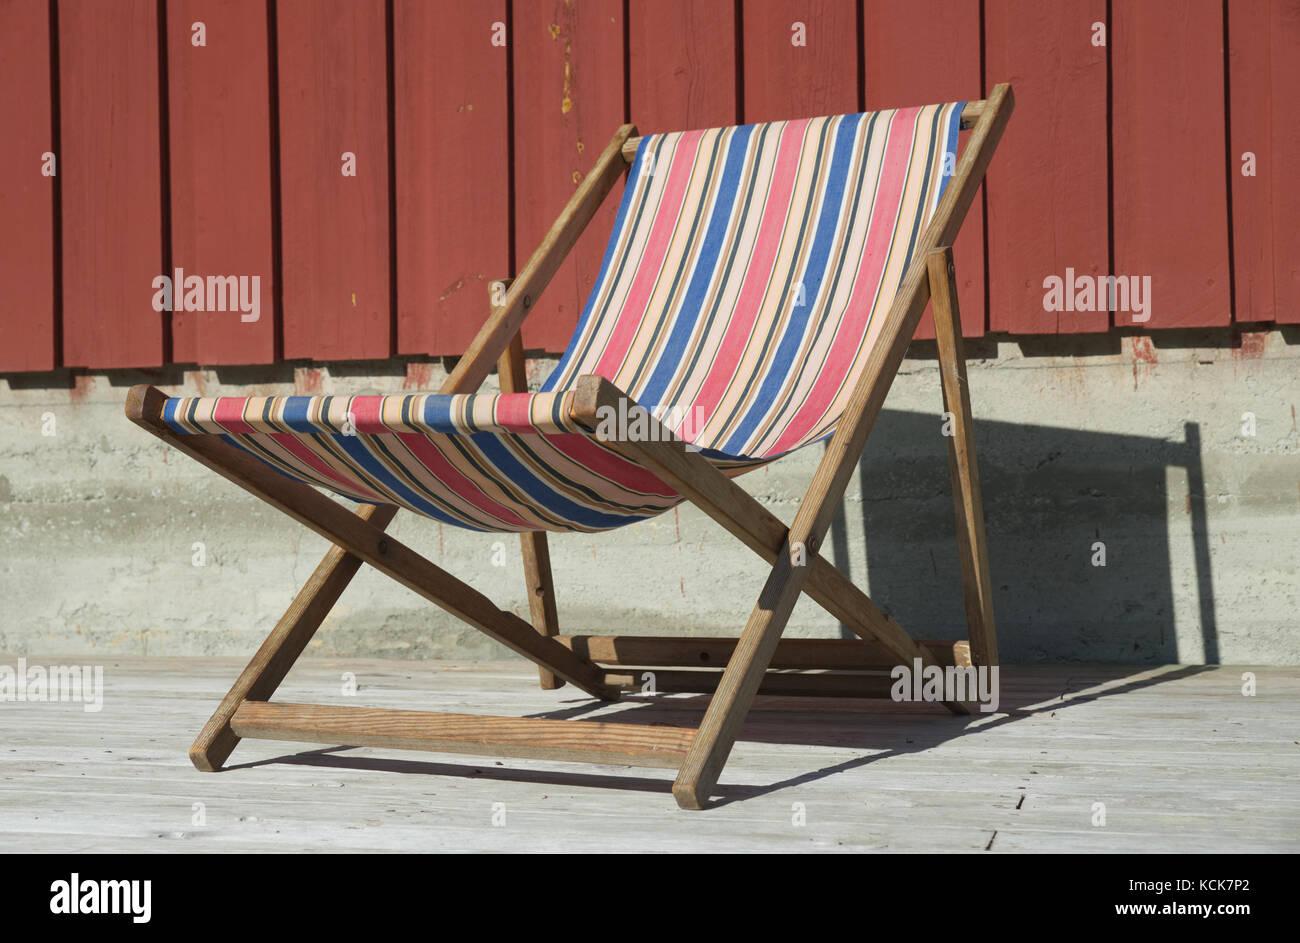 Tela Per Sedie A Sdraio.Una Vecchia Sedia A Sdraio Con Un Tessuto Colorato Foto Immagine